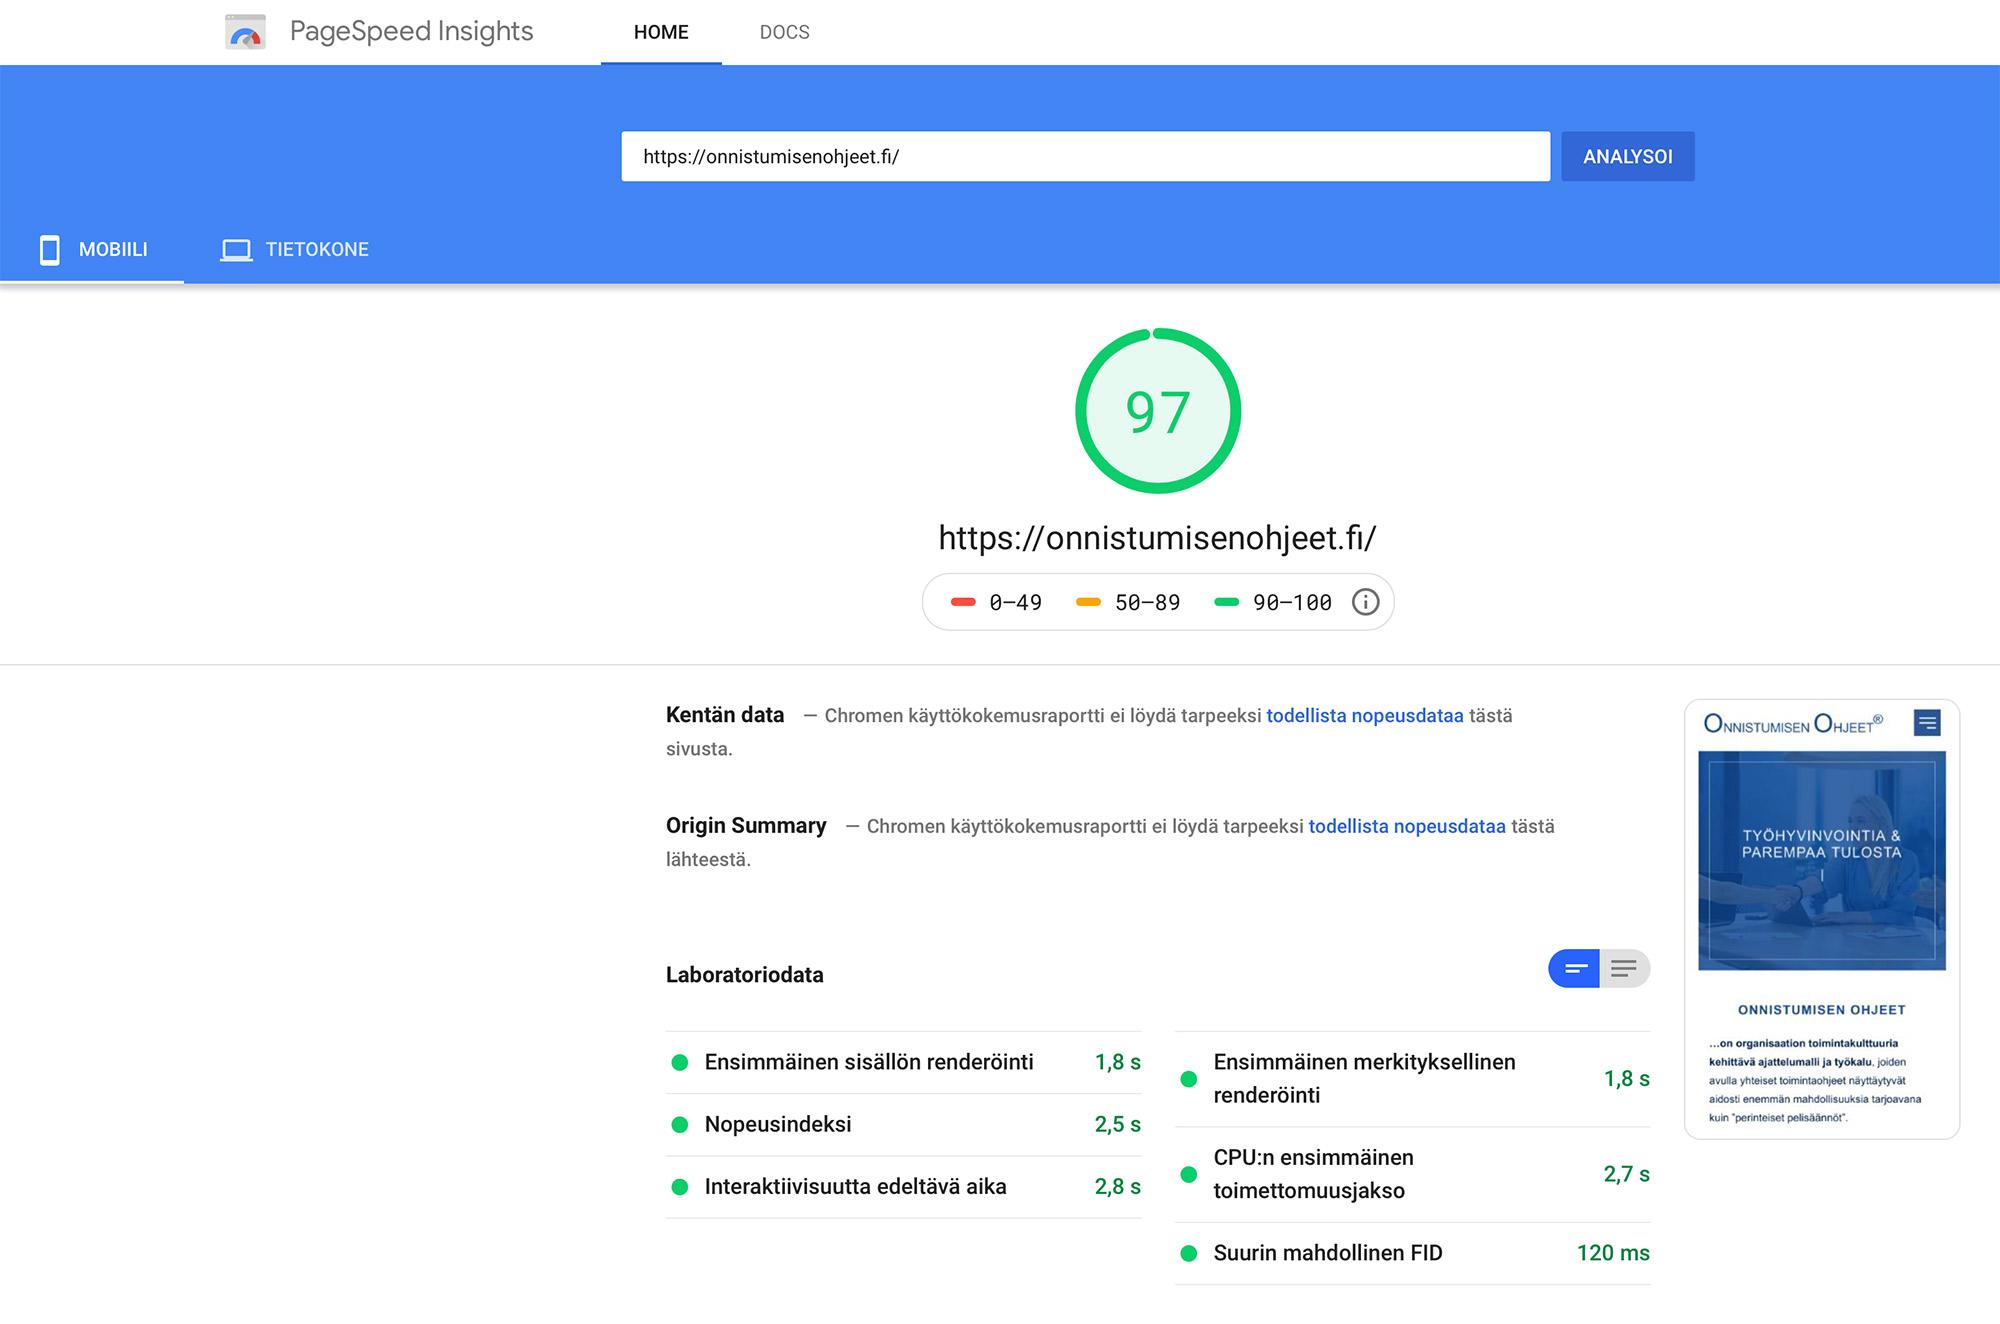 Kuvassa: Nettisivut ja Google PageSpeed Insights -nopeustulos 97 / 100 - Disains Tampere.